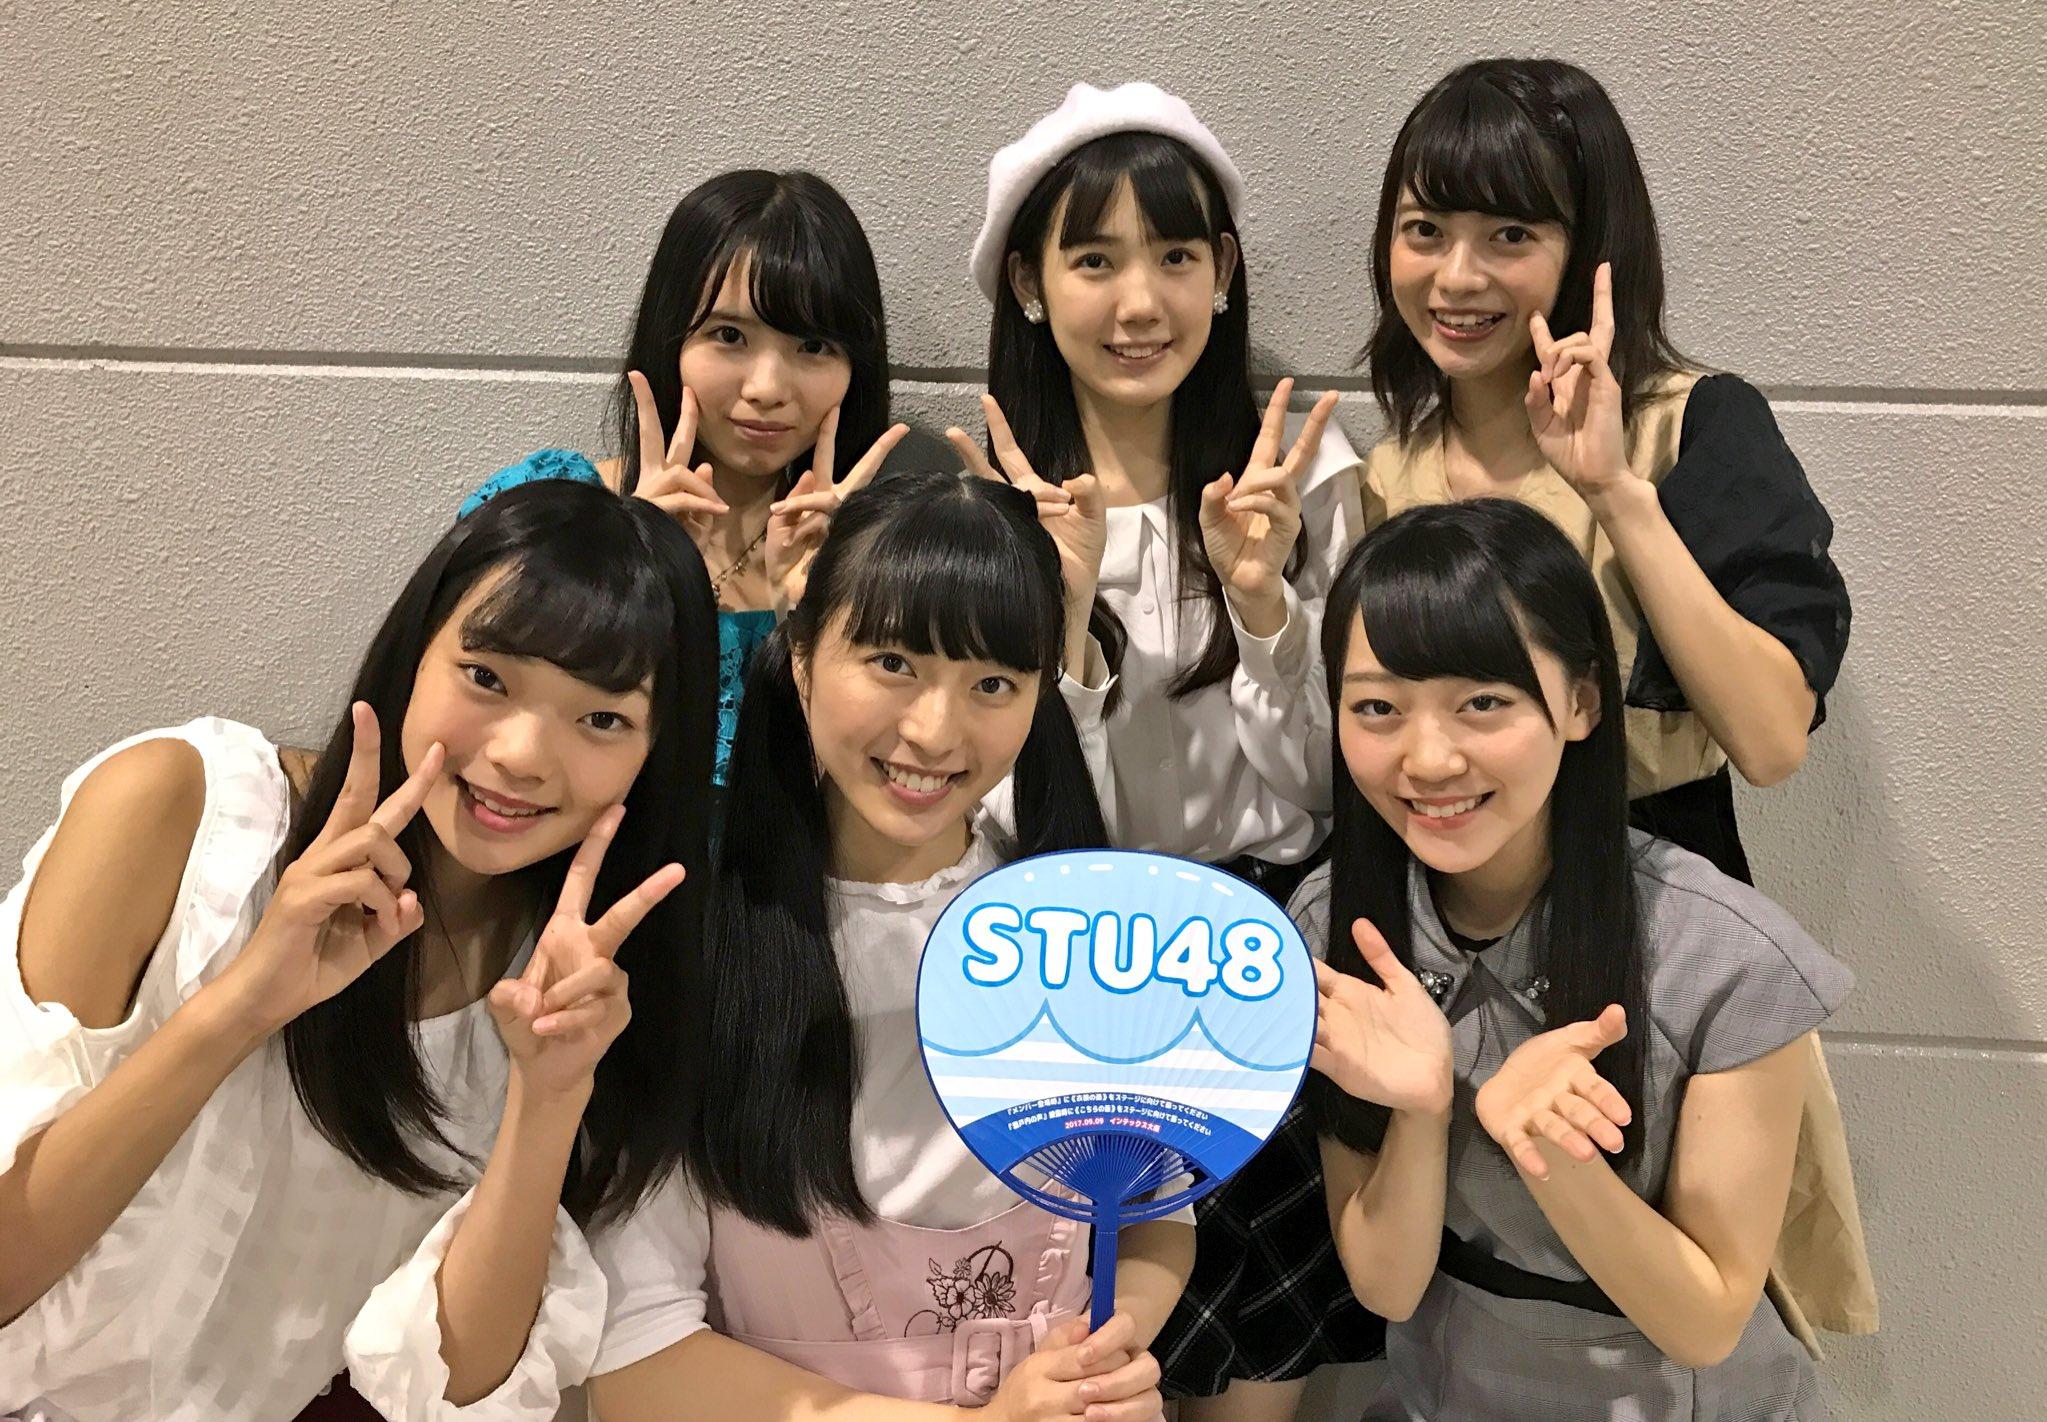 """STU48 On Twitter: """"ファンの方々が、有志でSTU48うちわを作ってくれていました メンバー一同"""